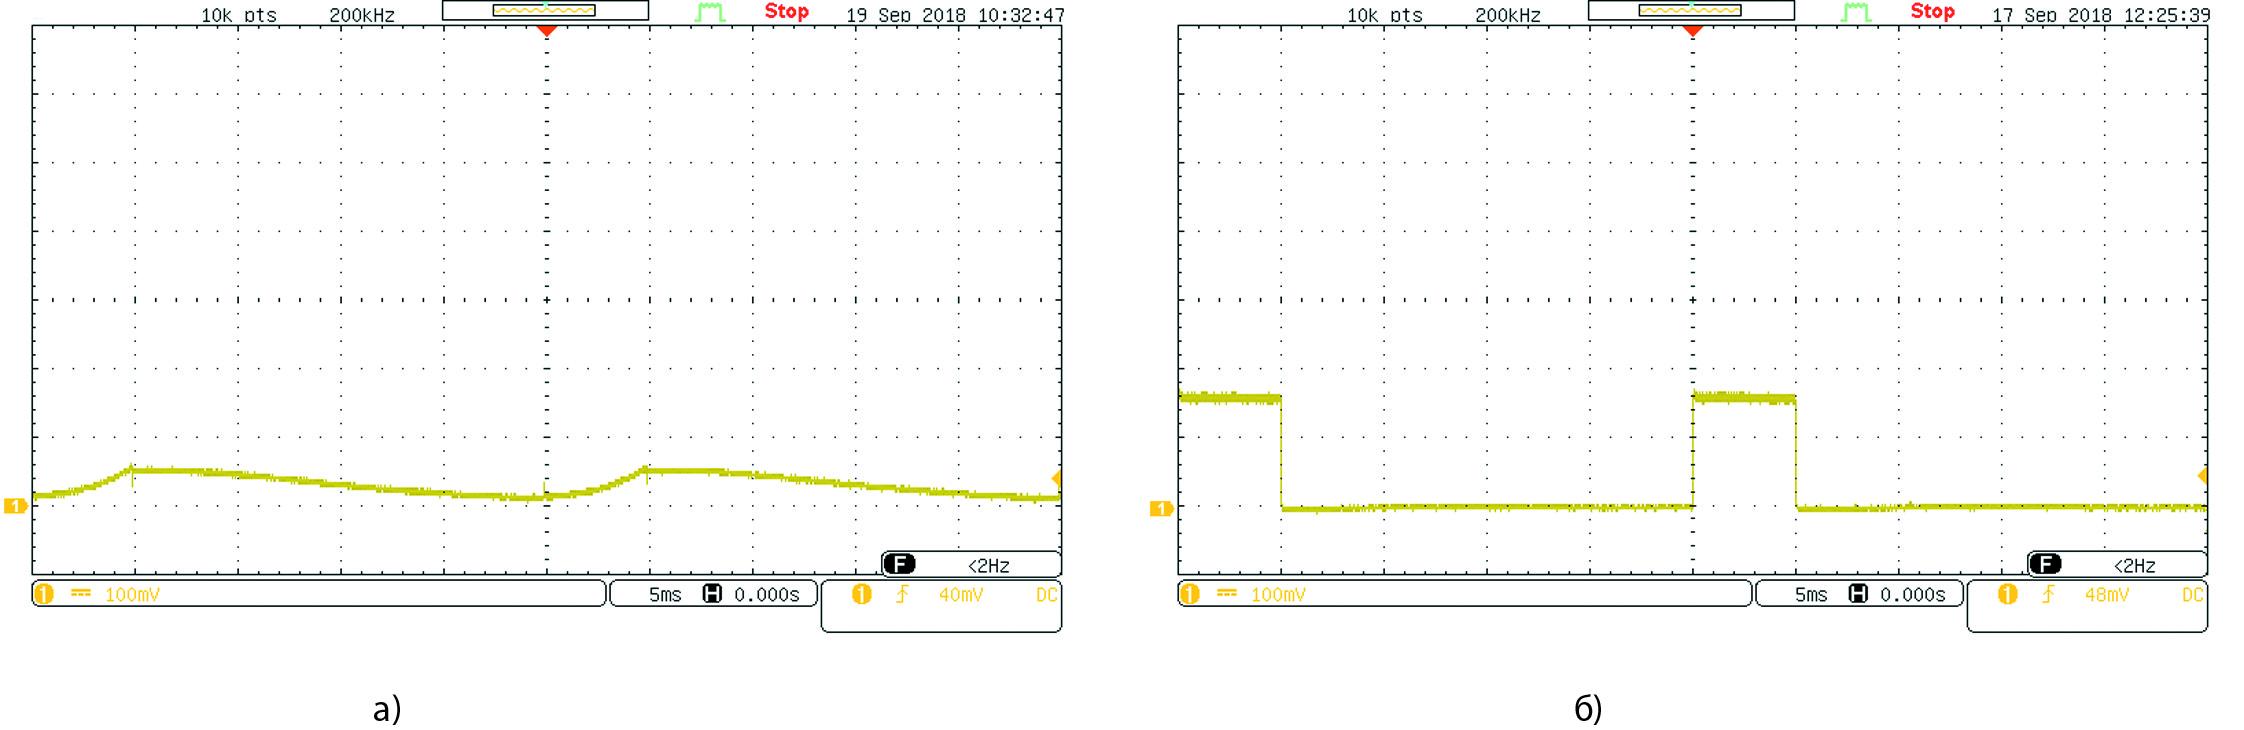 Форма тока, выдаваемого преобразователями (10 А/дел.) в конфигурациях